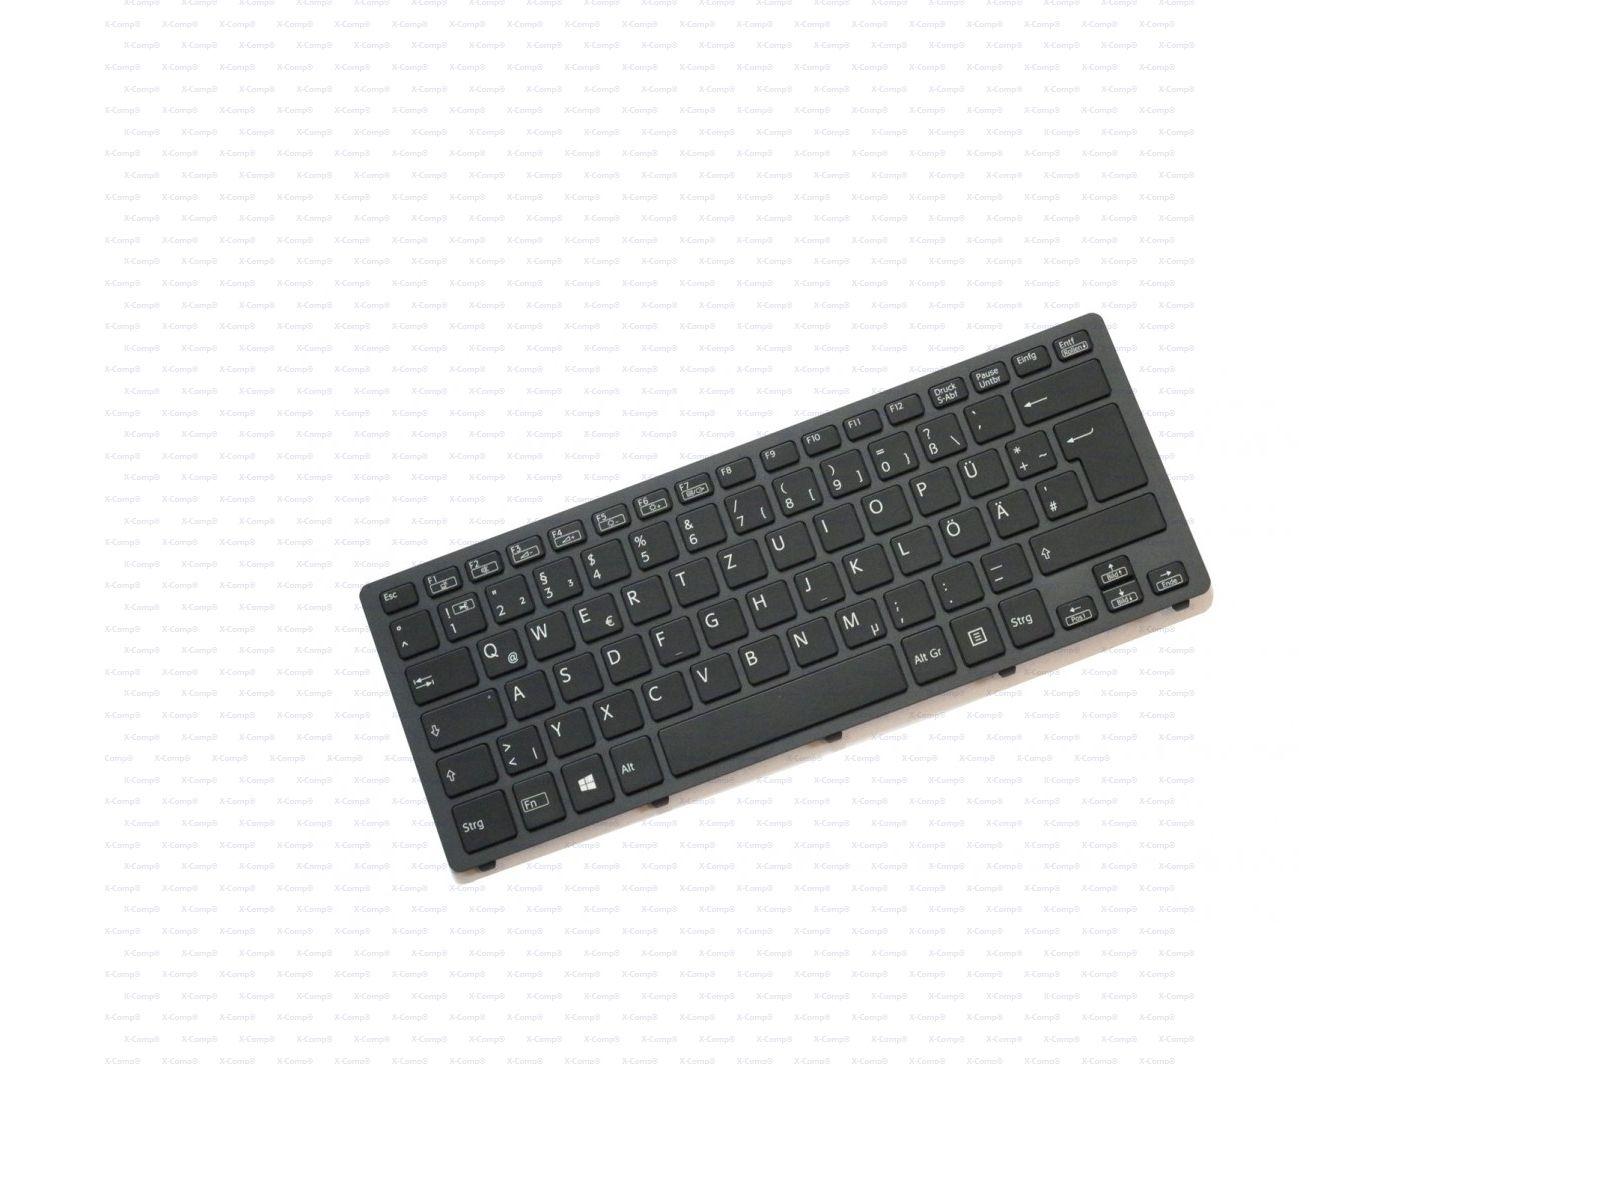 Sony VAIO SVF15N Tastatur Schwarz mit Rahmen inkl. Backlight für ...